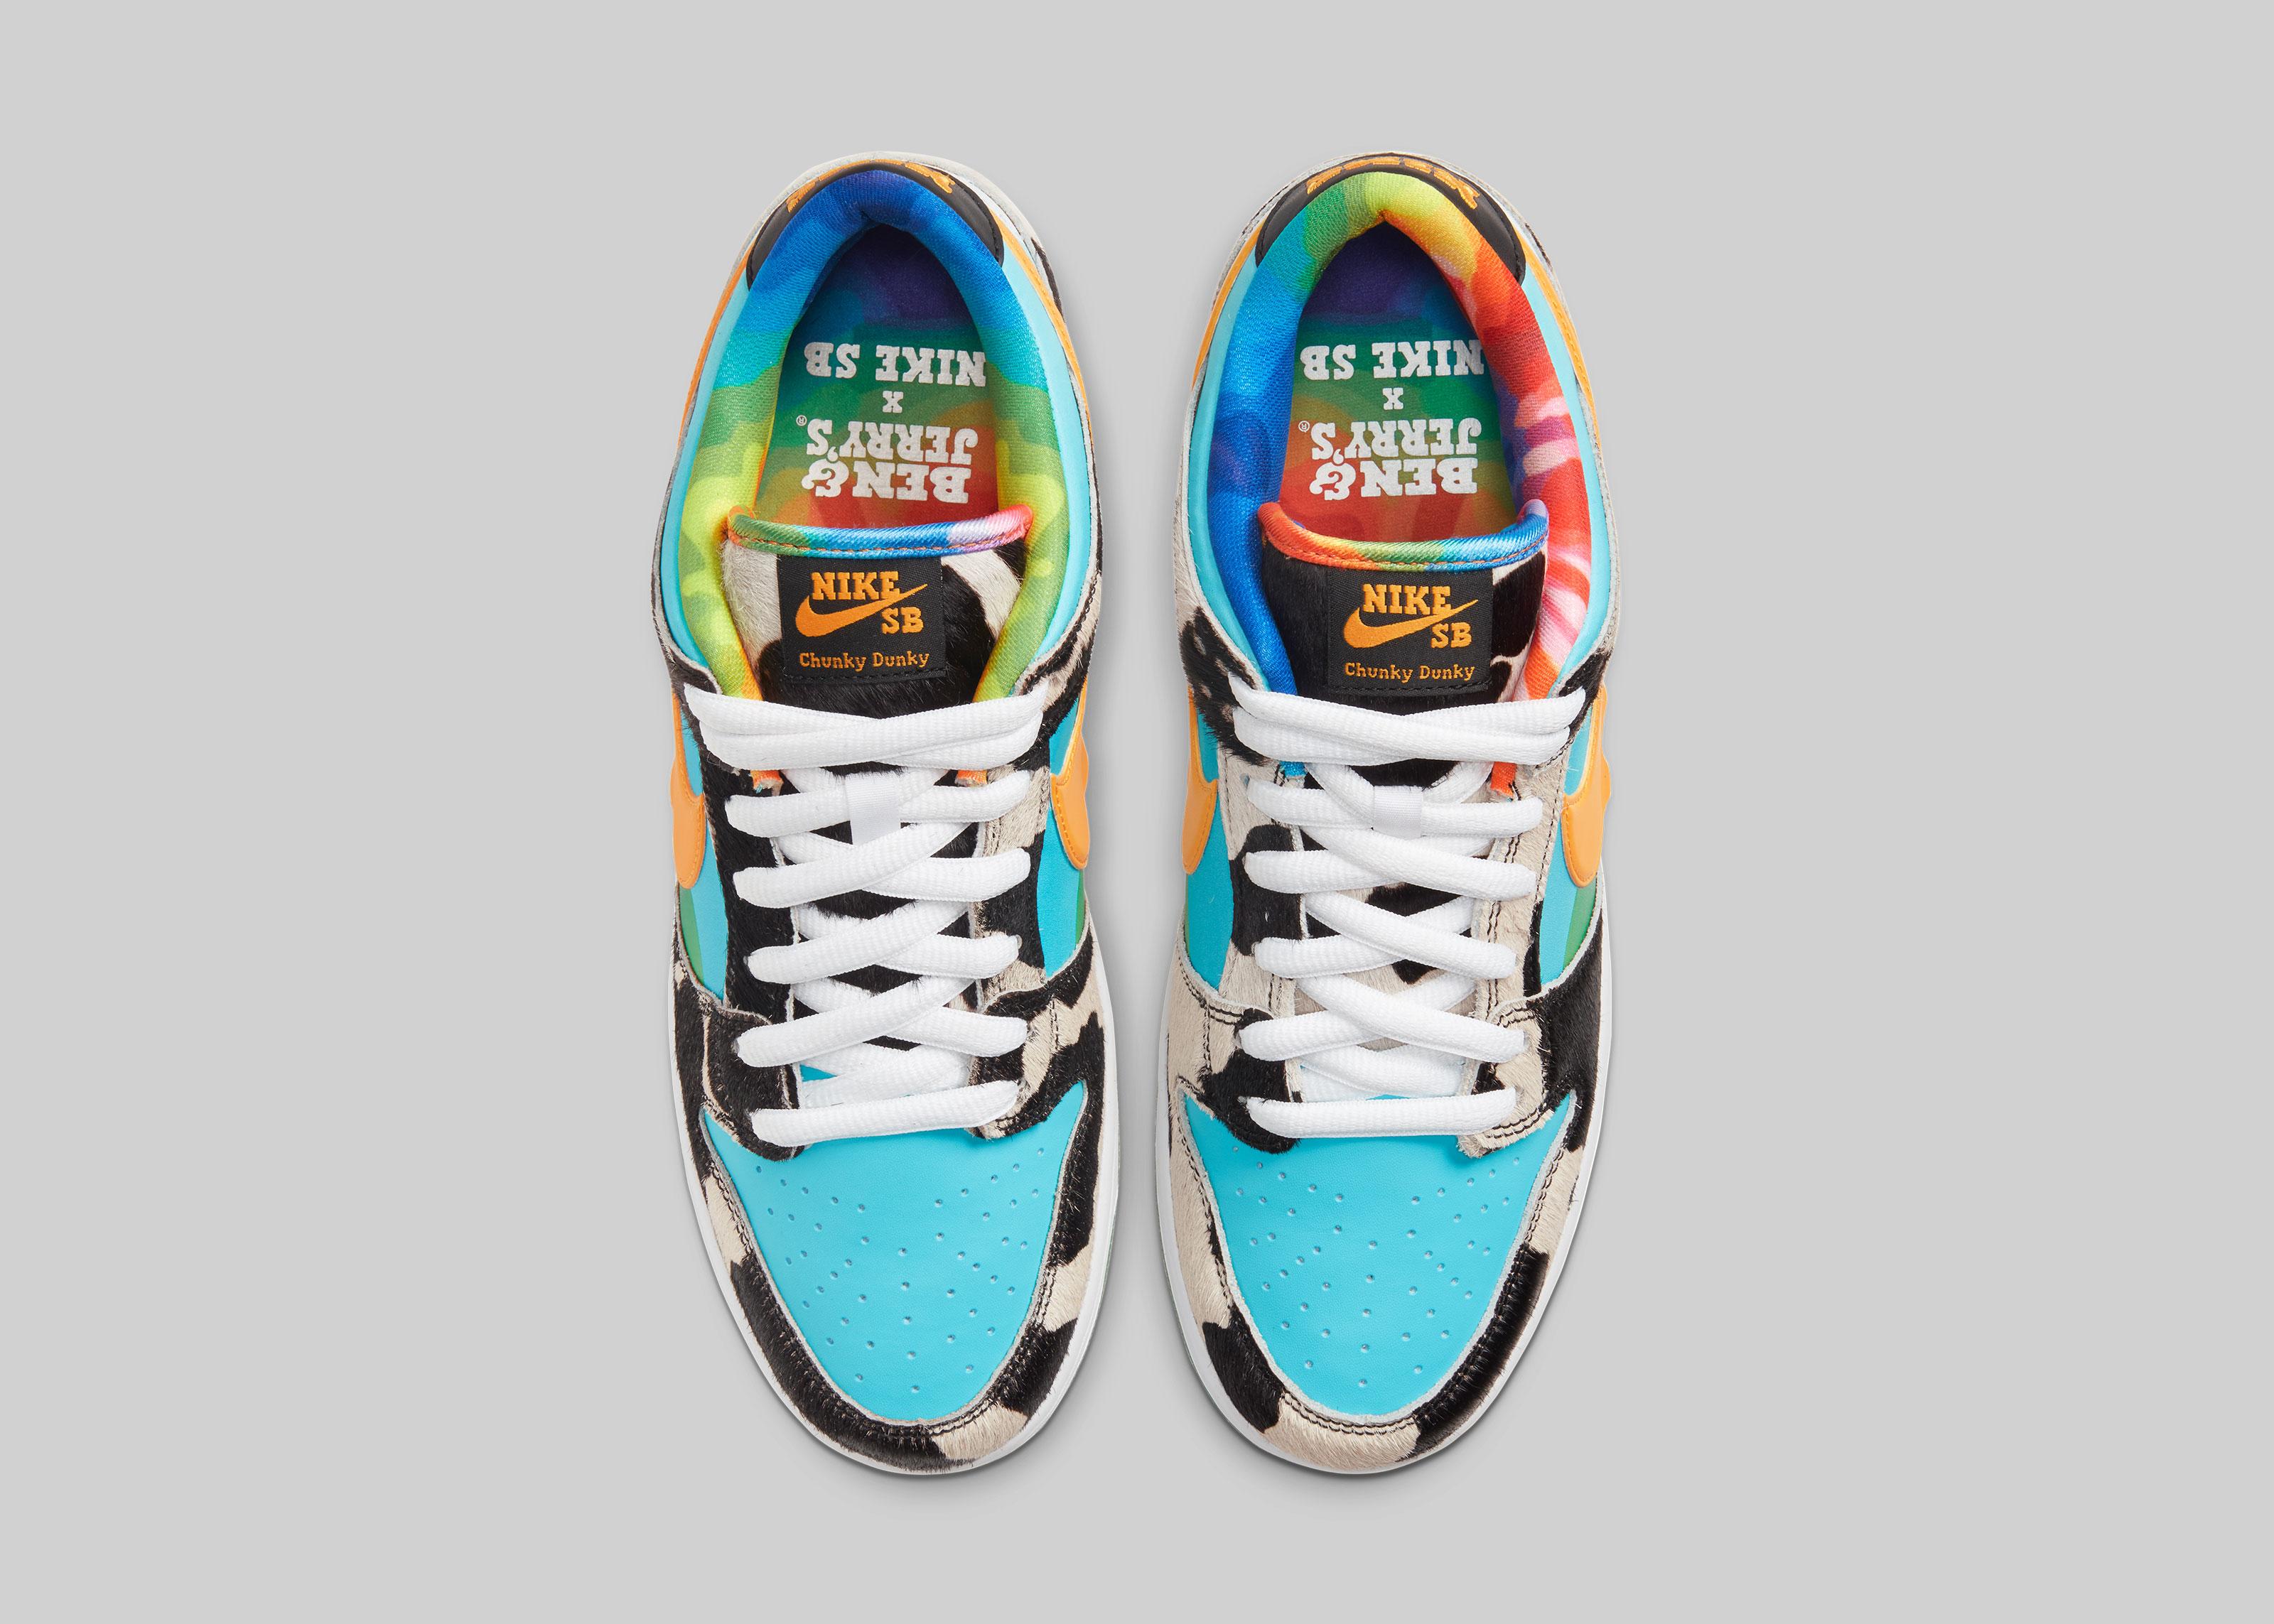 NikeNews_FeaturedFootwear_NikeSB_DunkLowPro_BenJerrys_6_95624